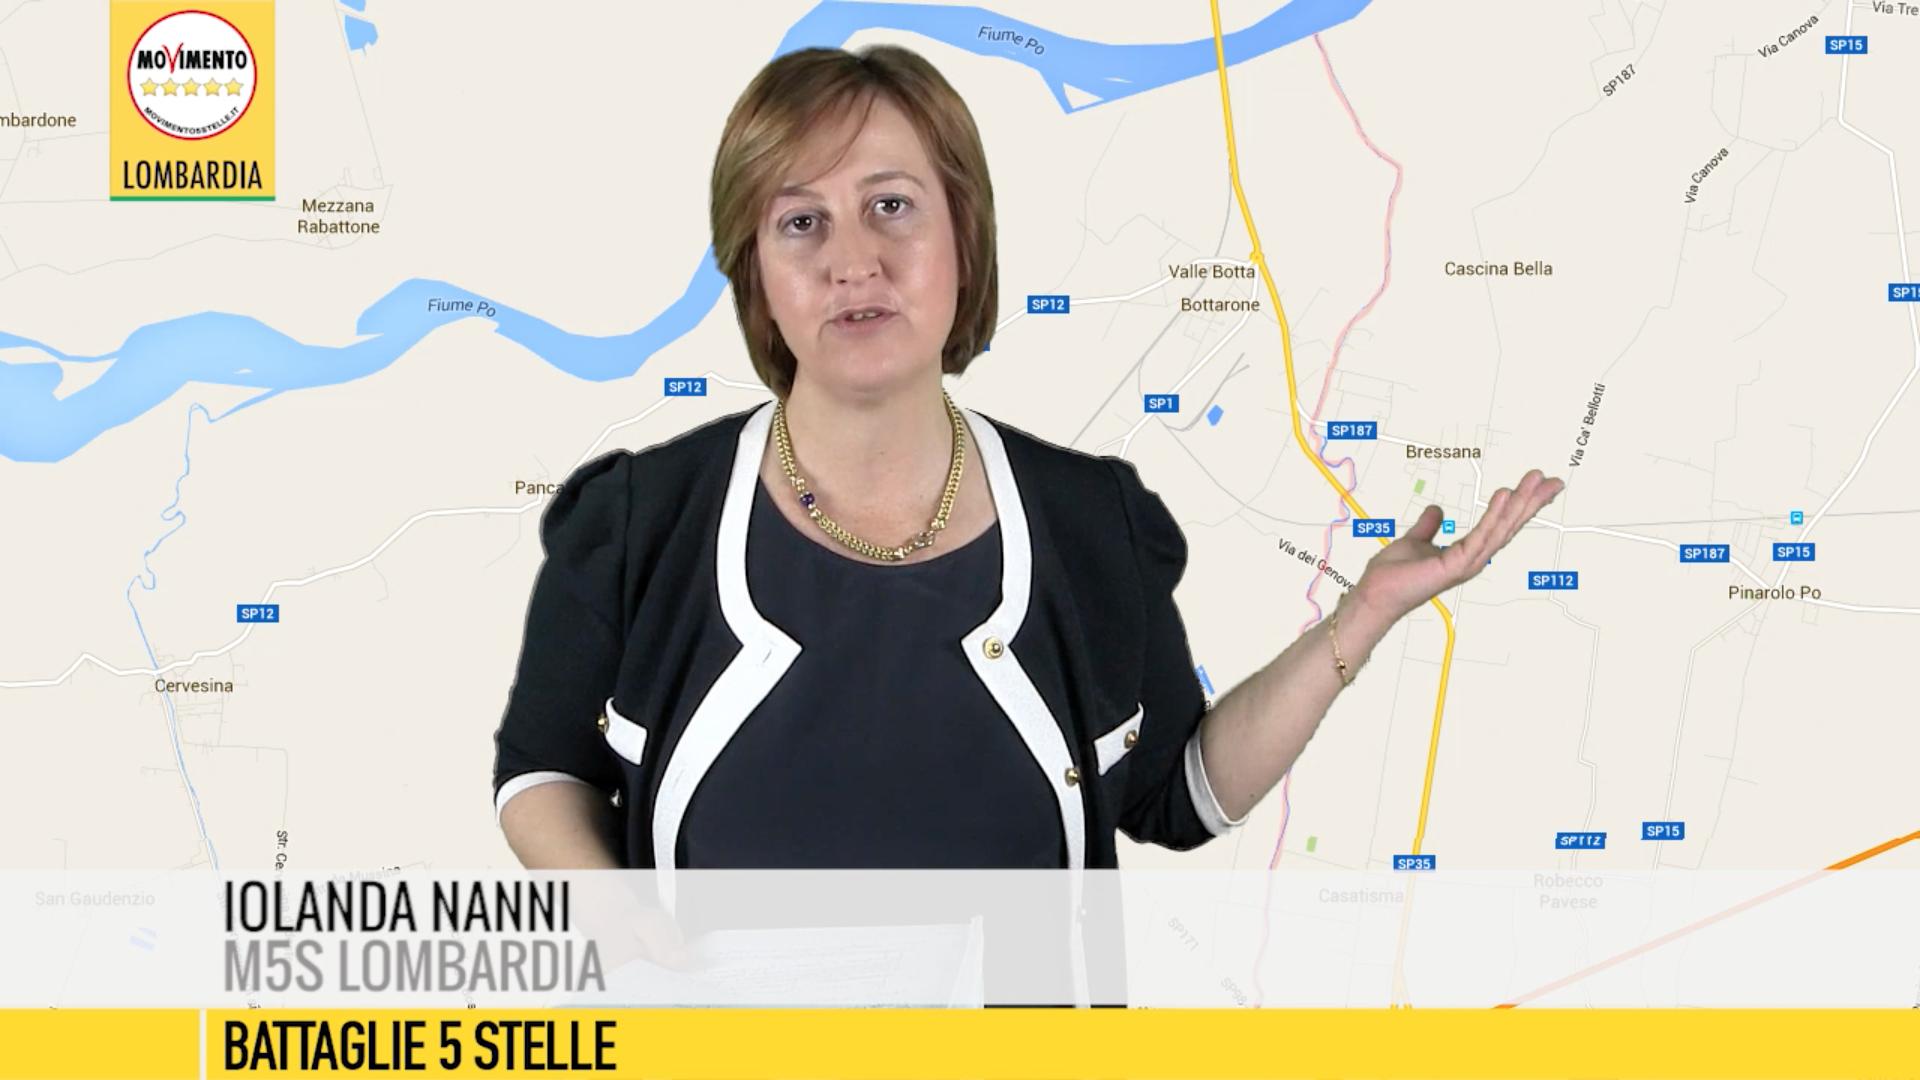 Allarme inquinamento nel torrente Coppa (Pavia): Regione individui i colpevoli del disastro. Interrogazione M5S